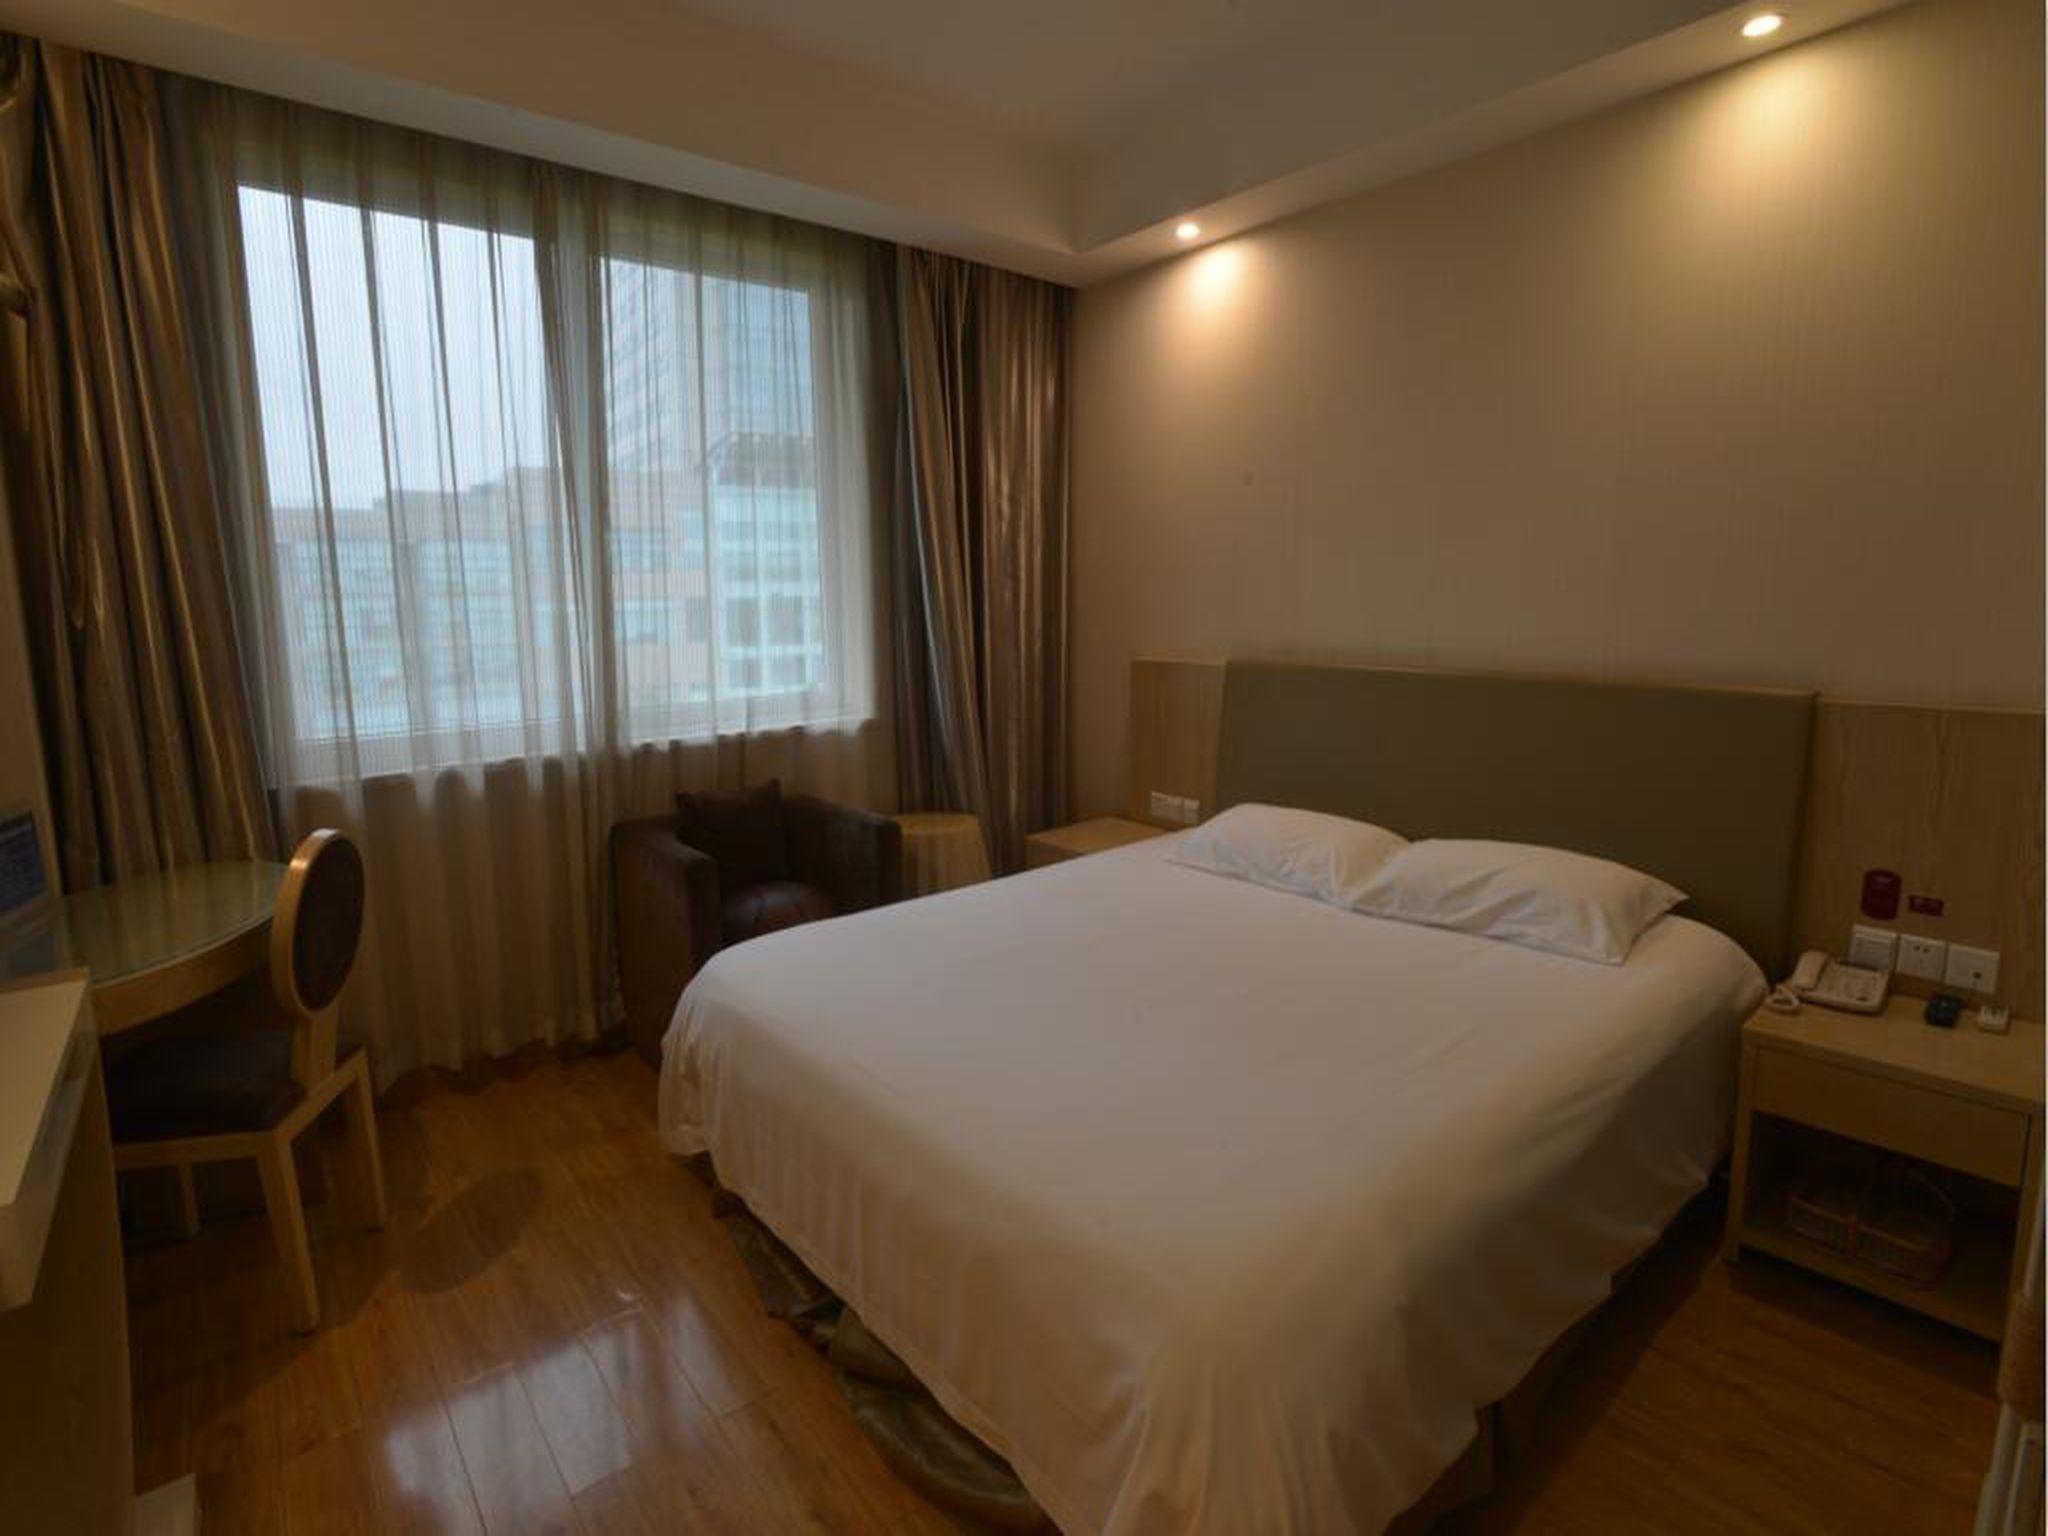 Jl Hotel Hangzhou Westlake Hubin Branch Hangzhou, China